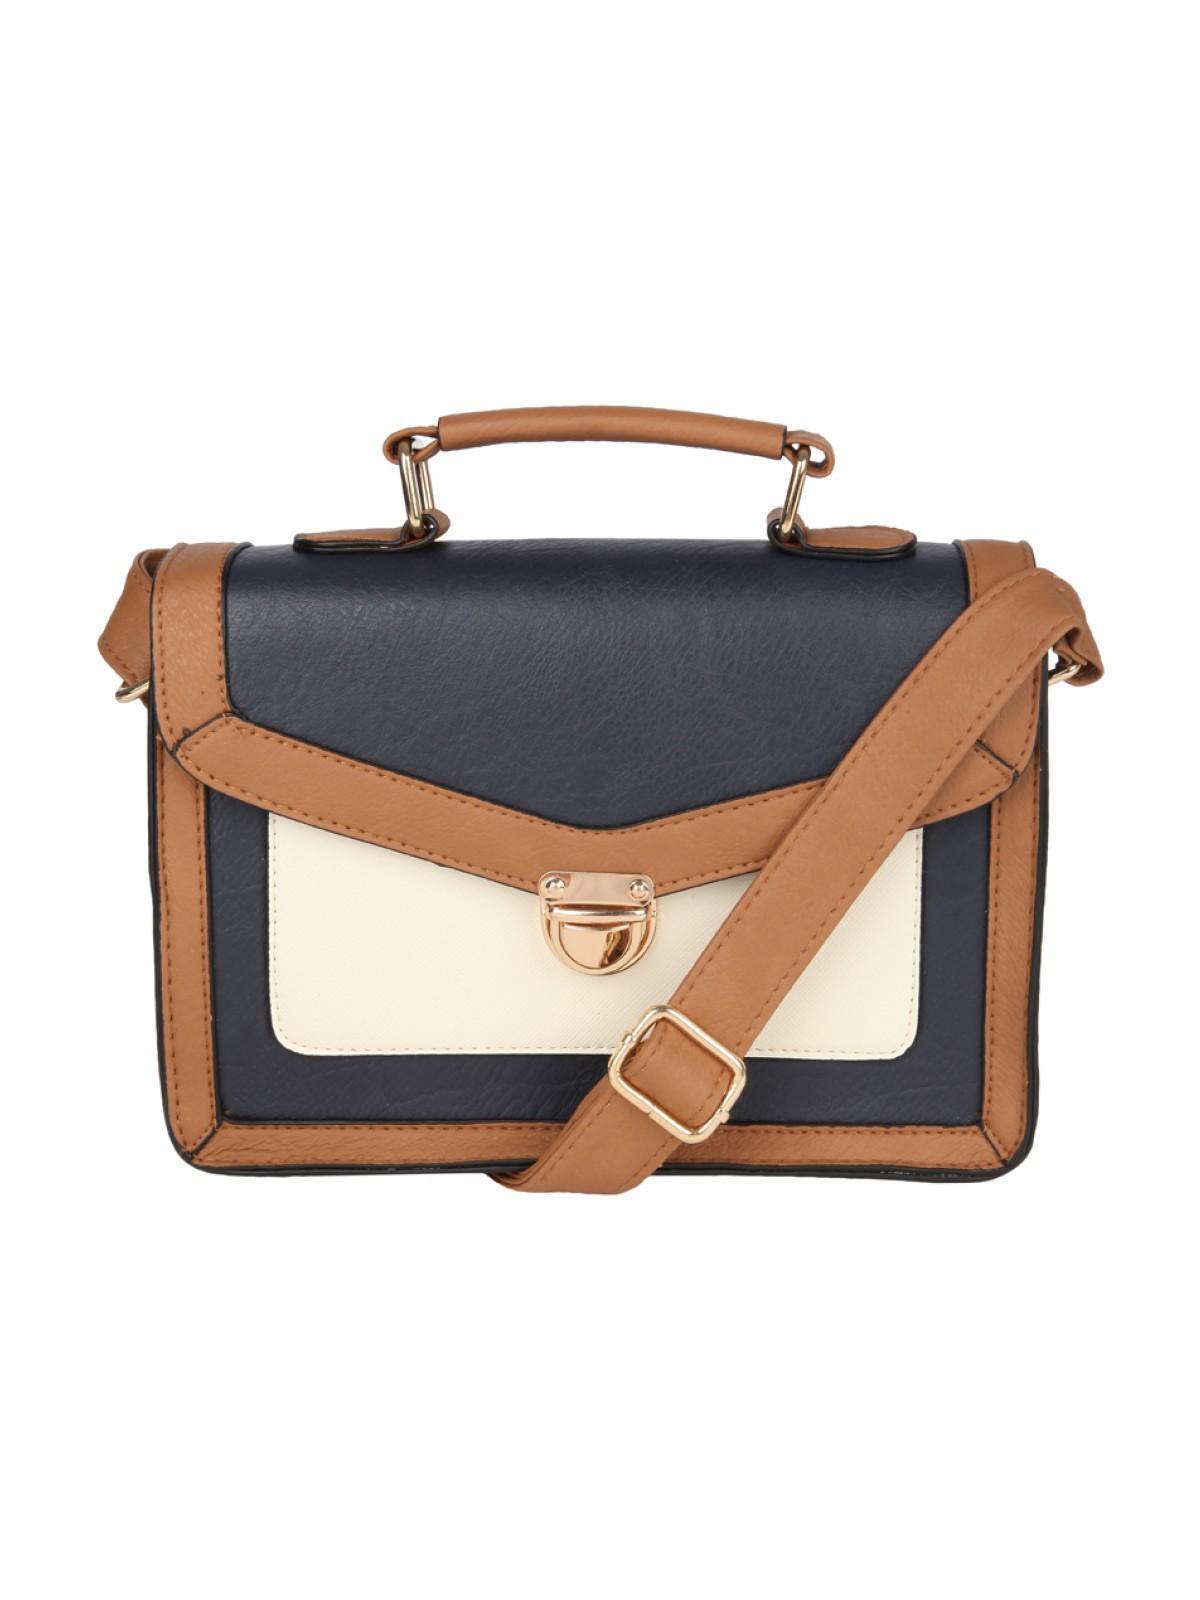 Womens Pushlock Small Satchel Bag | Peacocks